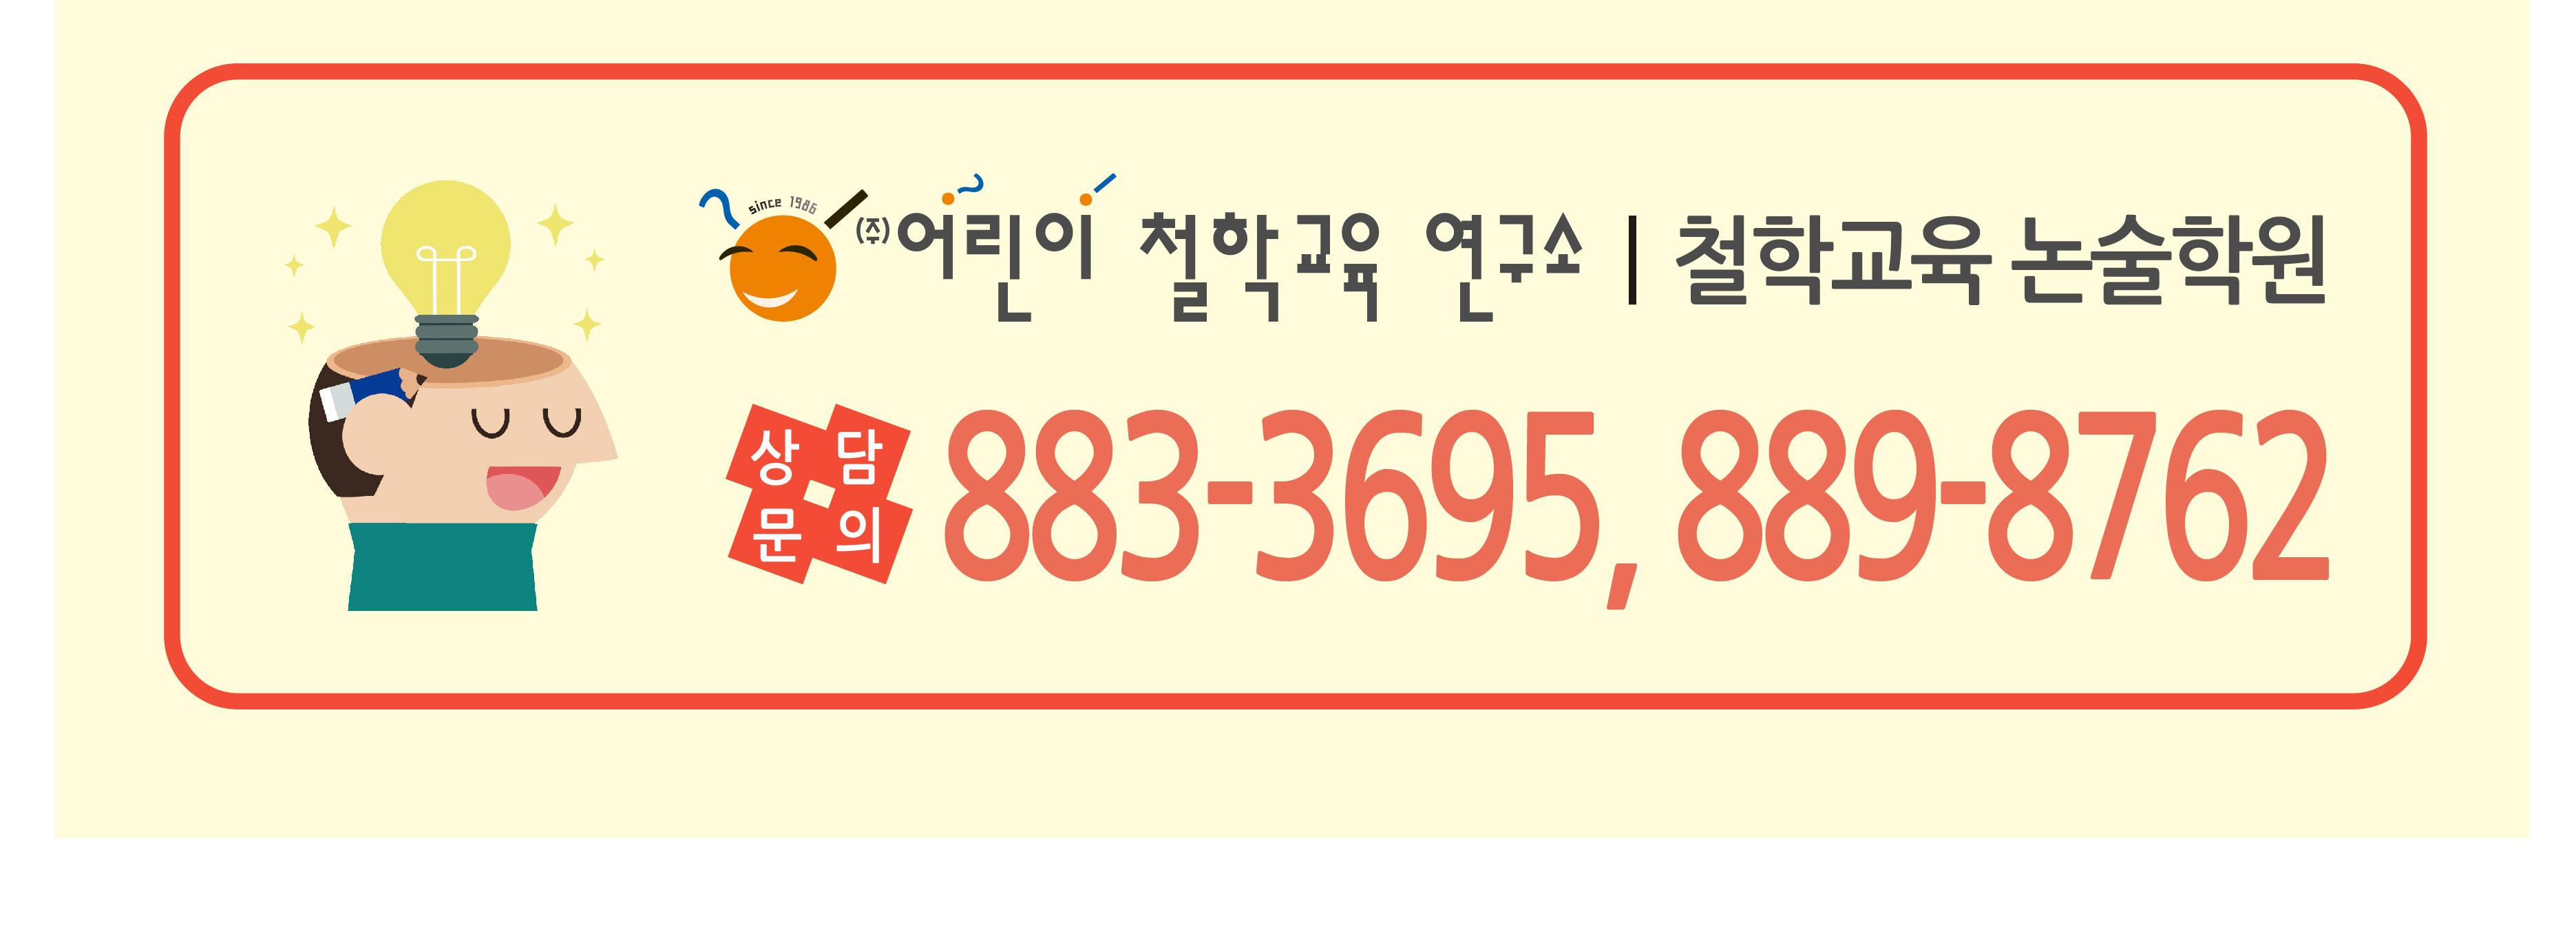 2017_1학기_여름방학특강홍보_웹페이지용(네이버카페)_5.jpg